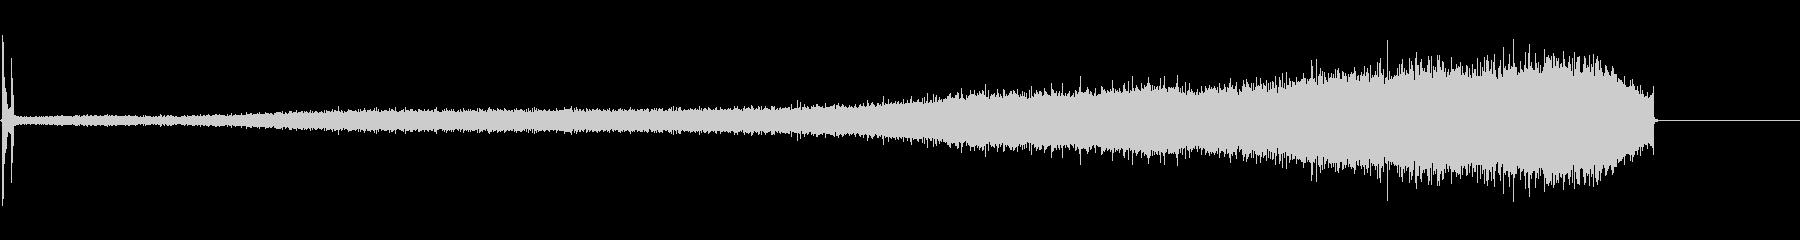 アセチレントーチポップオン、ヒスノ...の未再生の波形